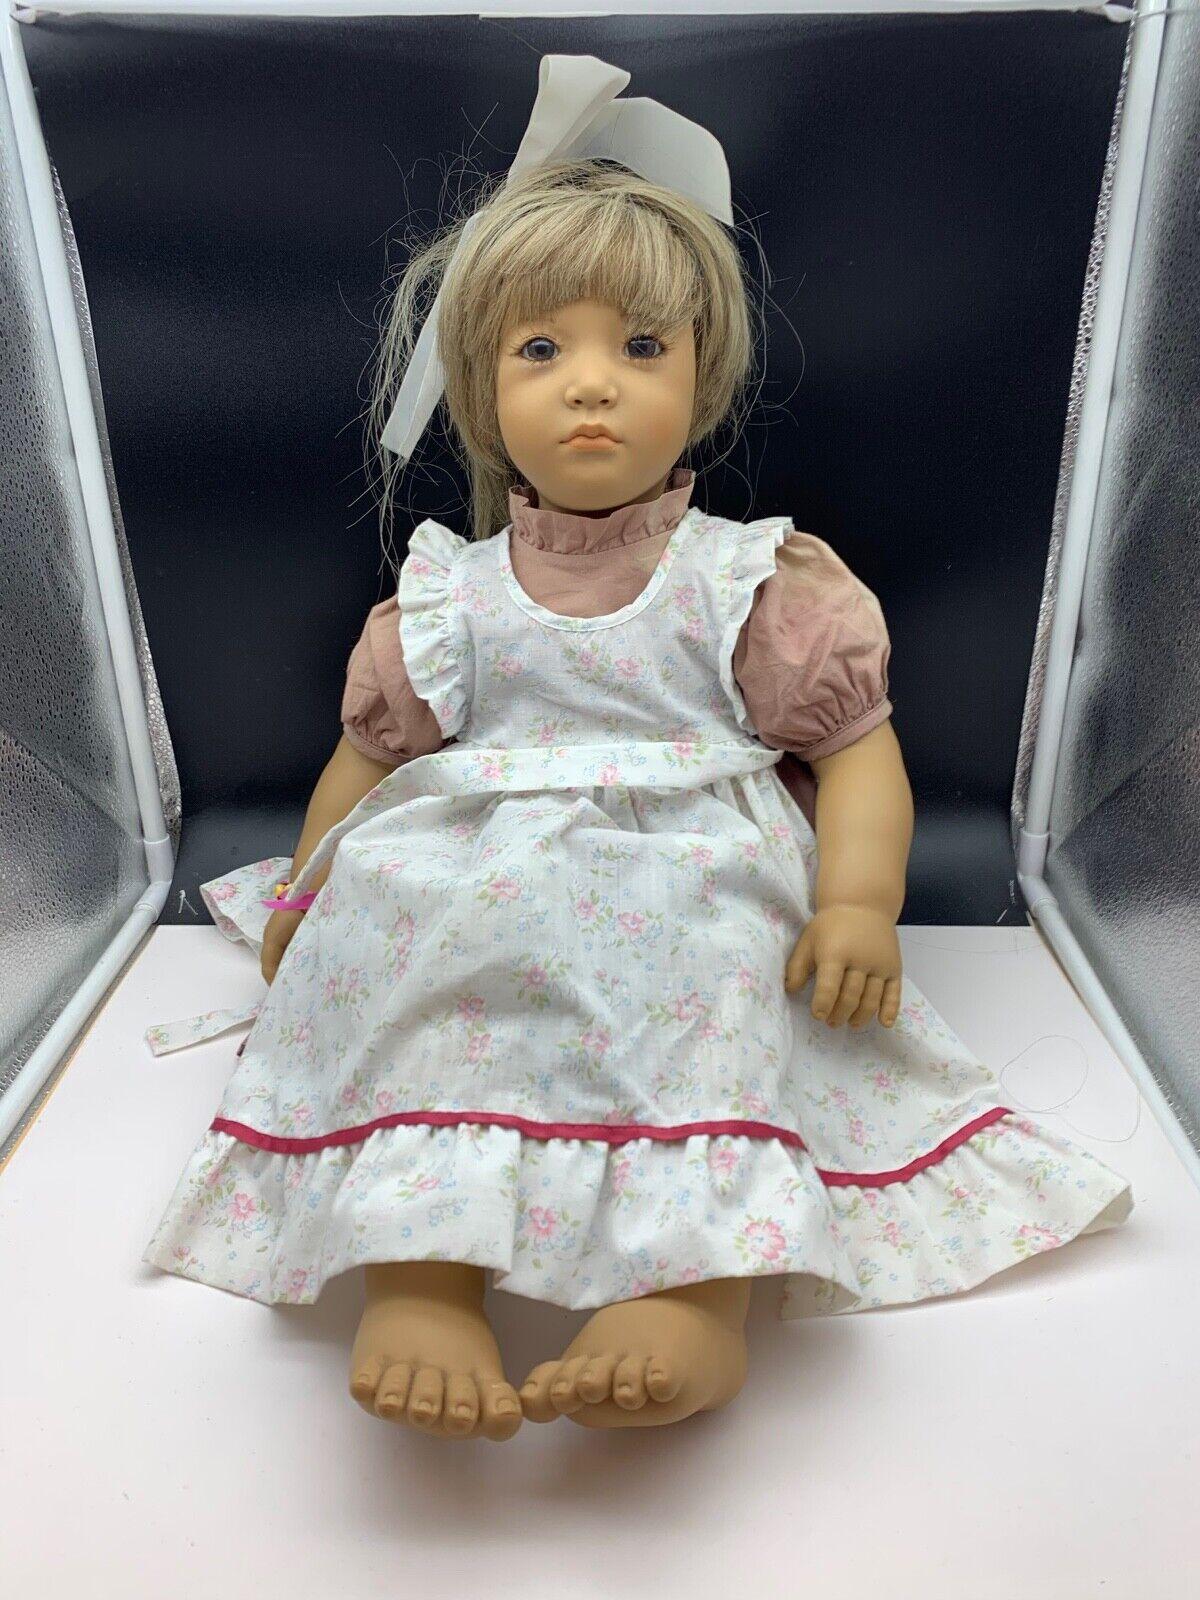 Annette Himstedt bambola Artistic bambola Neblina 65 cm Top Zuste